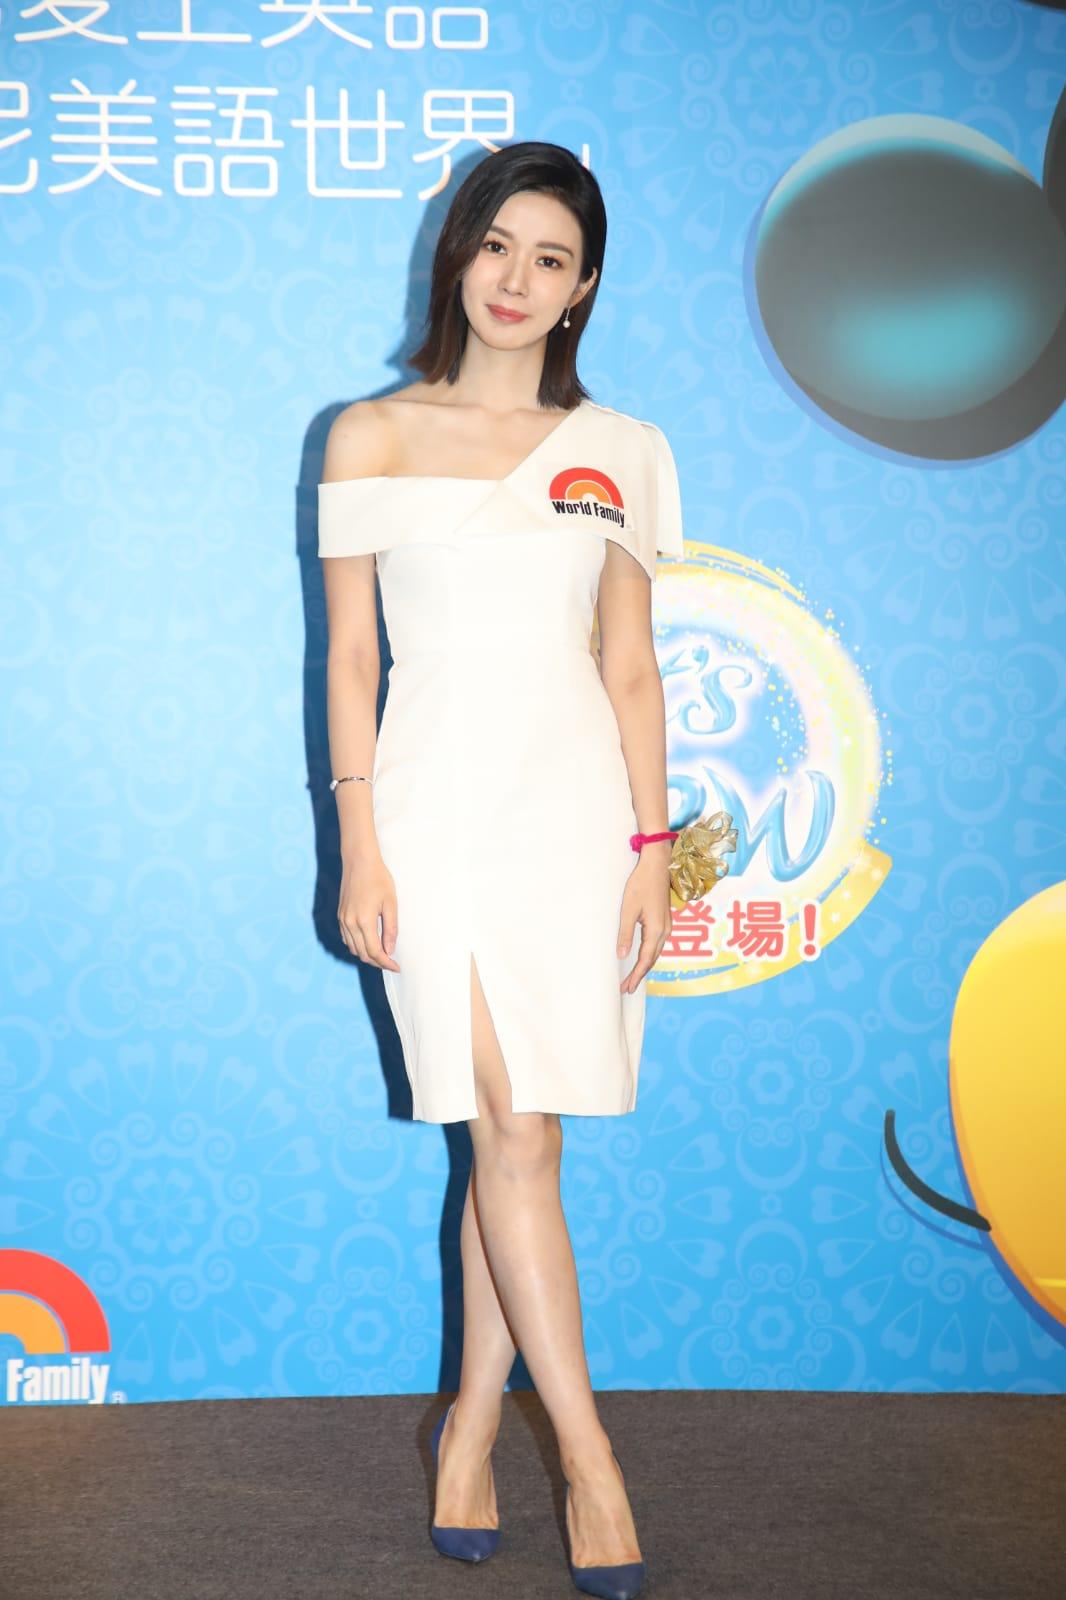 麥明詩一身單肩白色連身裙美麗大方。